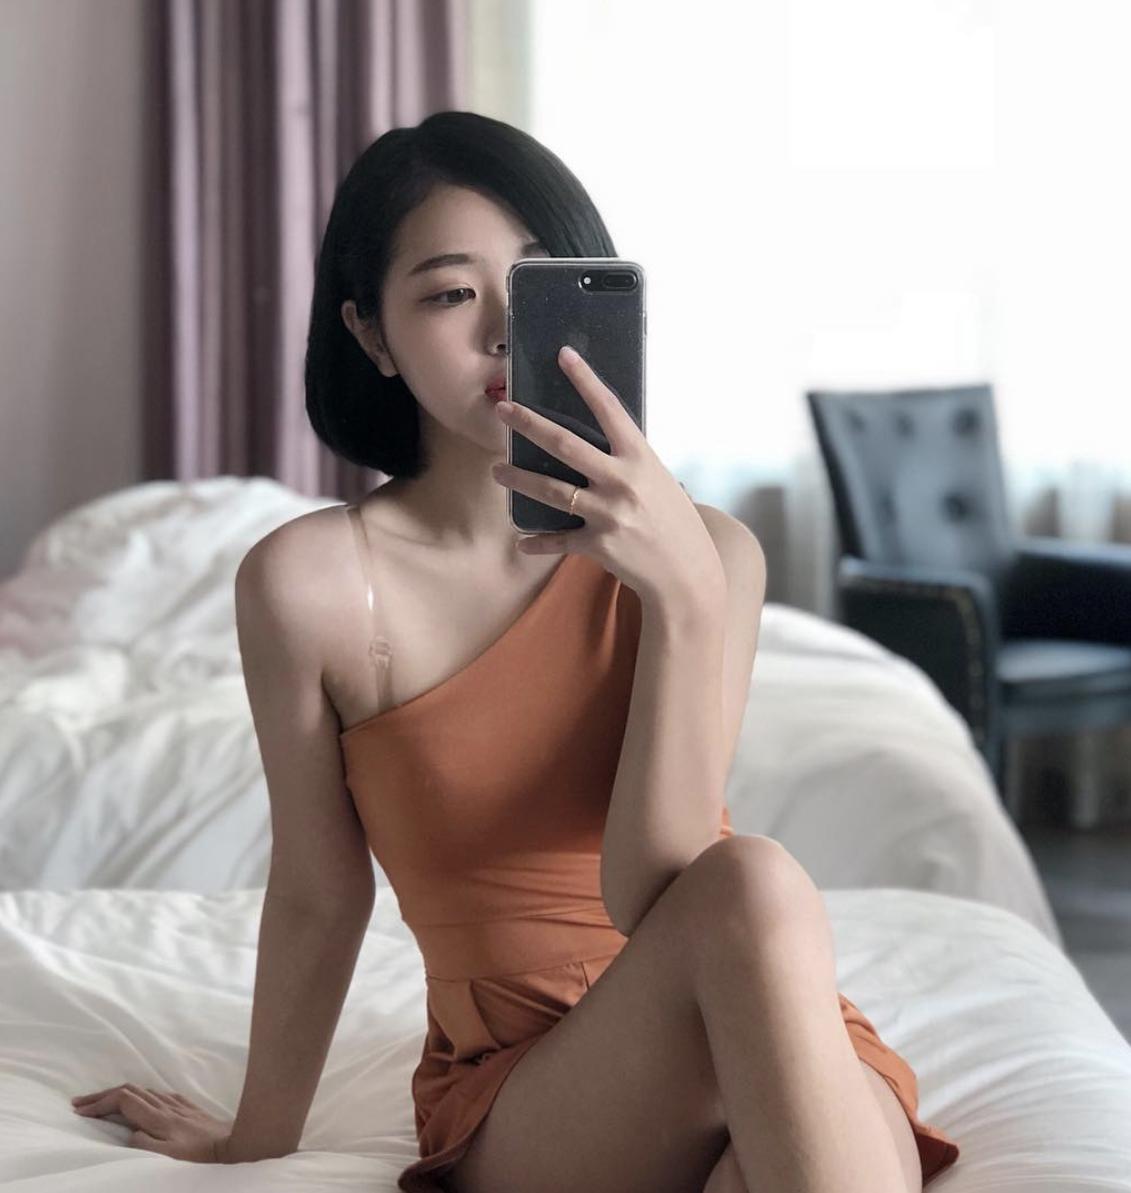 j_photo_2019_34.jpg